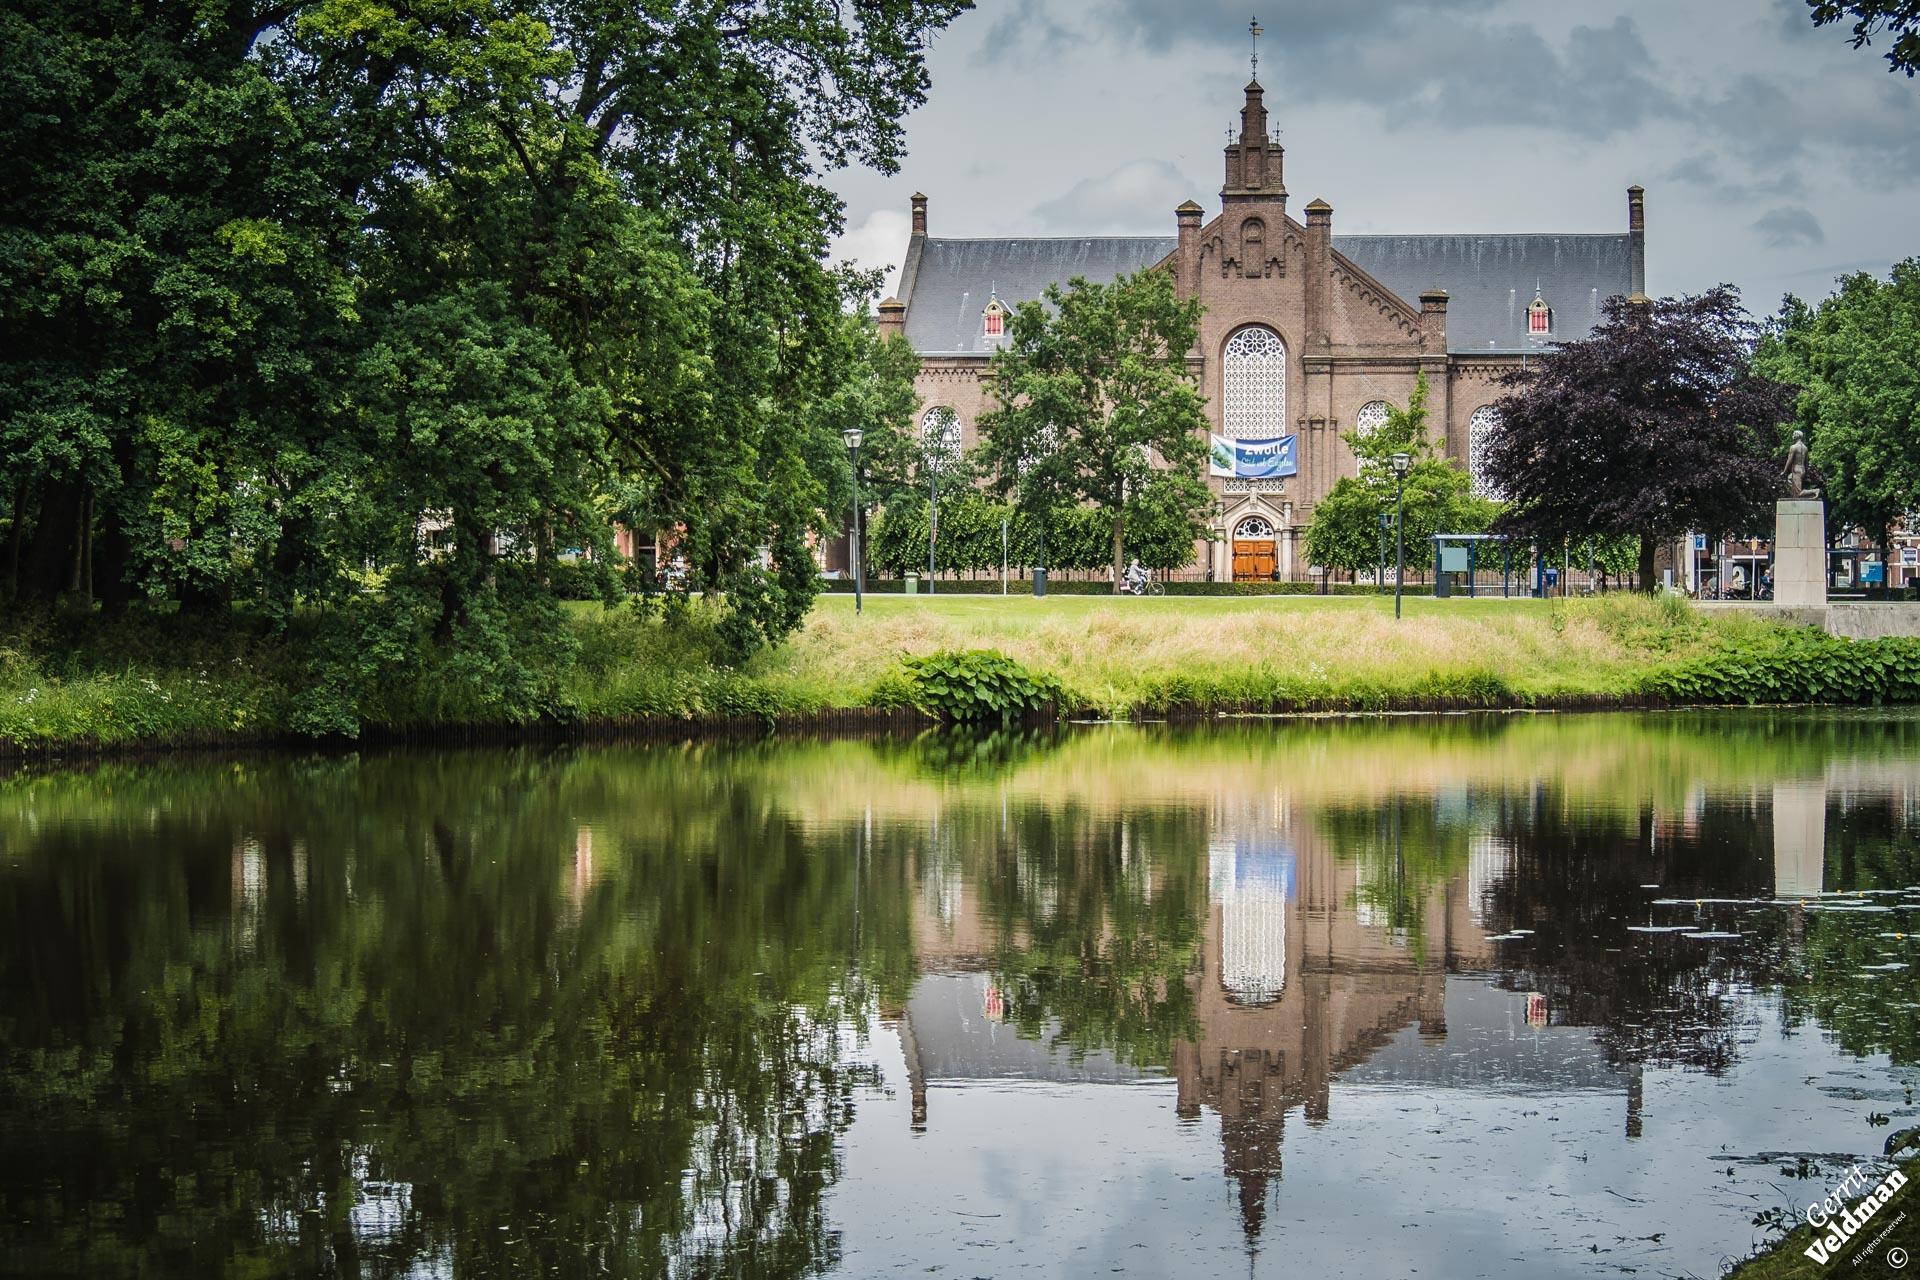 Plantagekerk, Zwolle